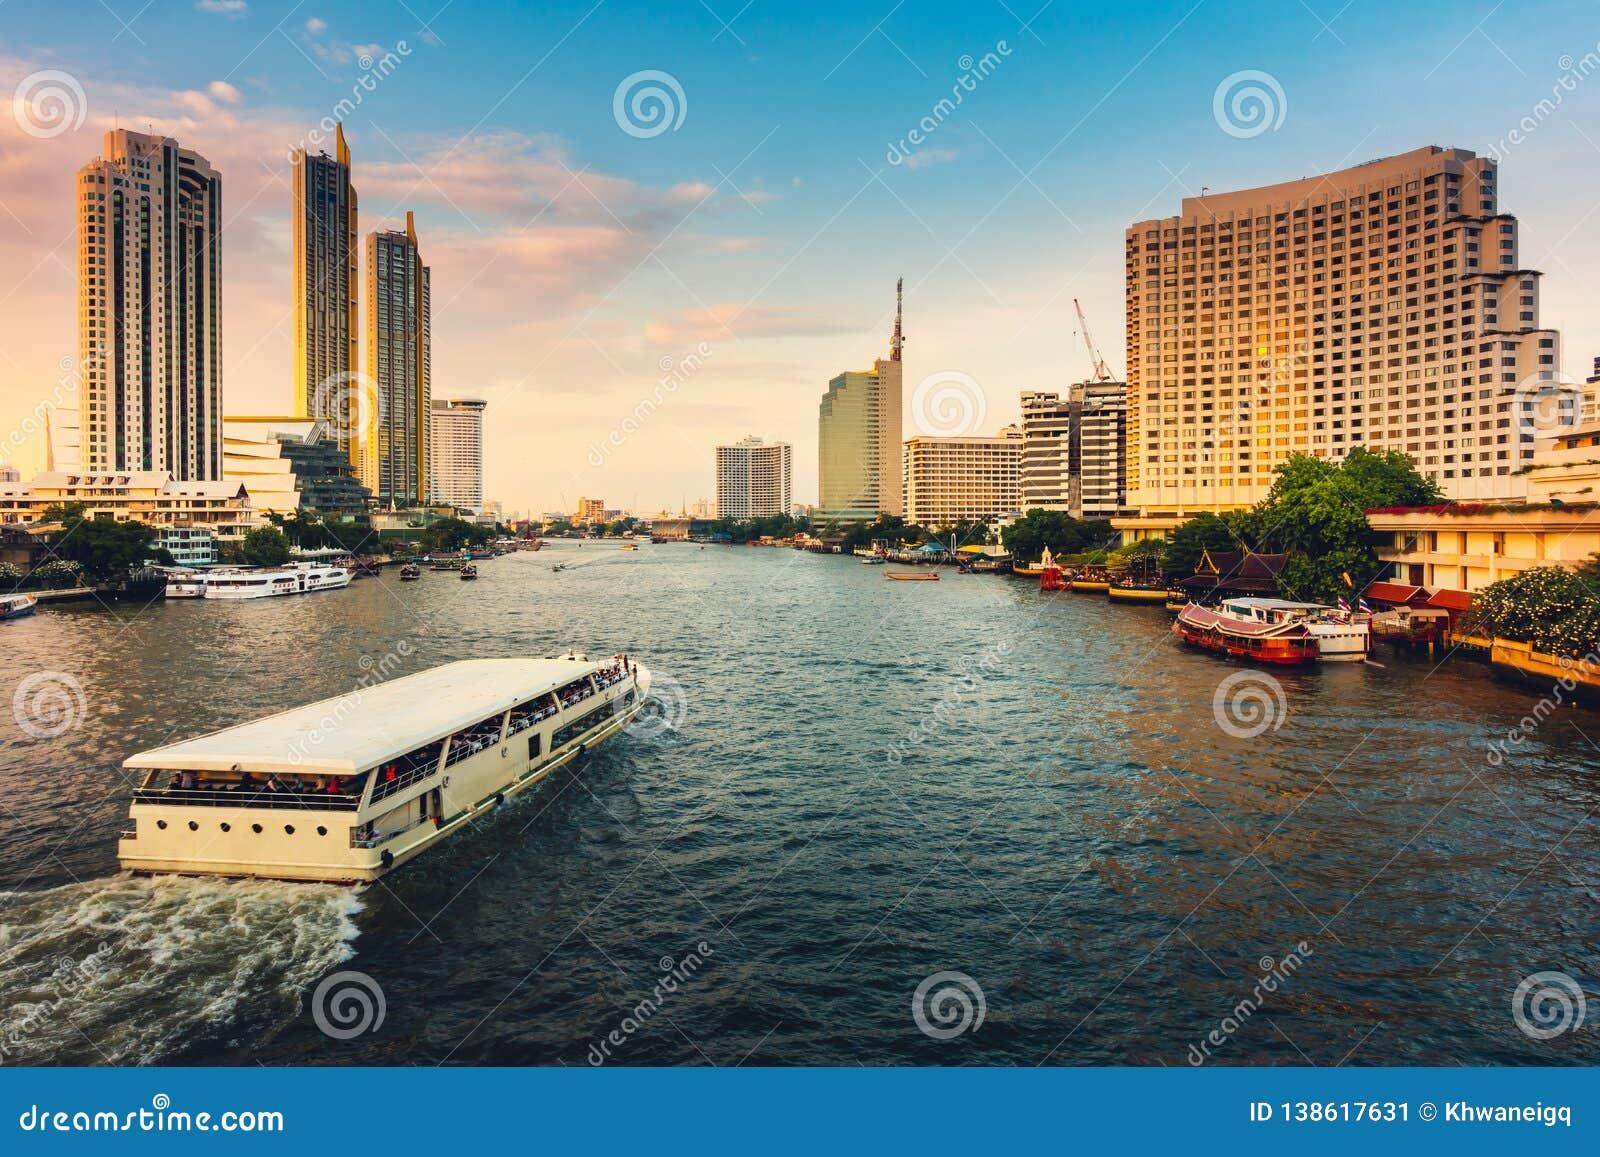 Pejzaż miejski Bangkok miasto i drapacz chmur budynki Tajlandia , panorama krajobraz biznes i centrum finansowe Tajlandia